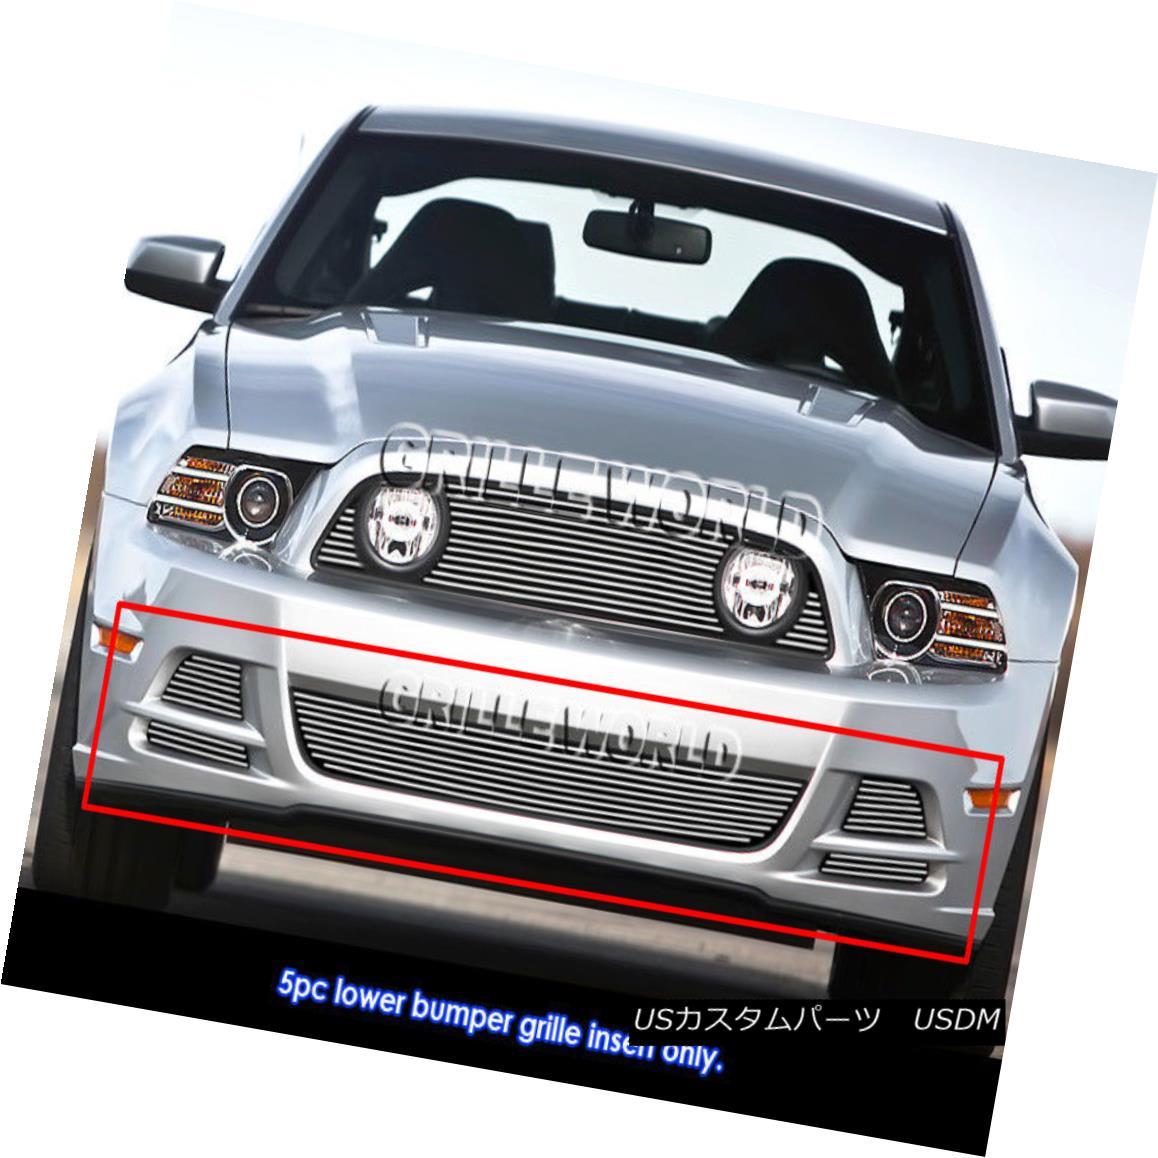 グリル For 2013-2014 Ford Mustang GT Lower and Fog Light Cover Billet Grill Combo 2013年?2014年フォードマスタングGTロワーアンドフォグライトカバービレットグリルコンボ